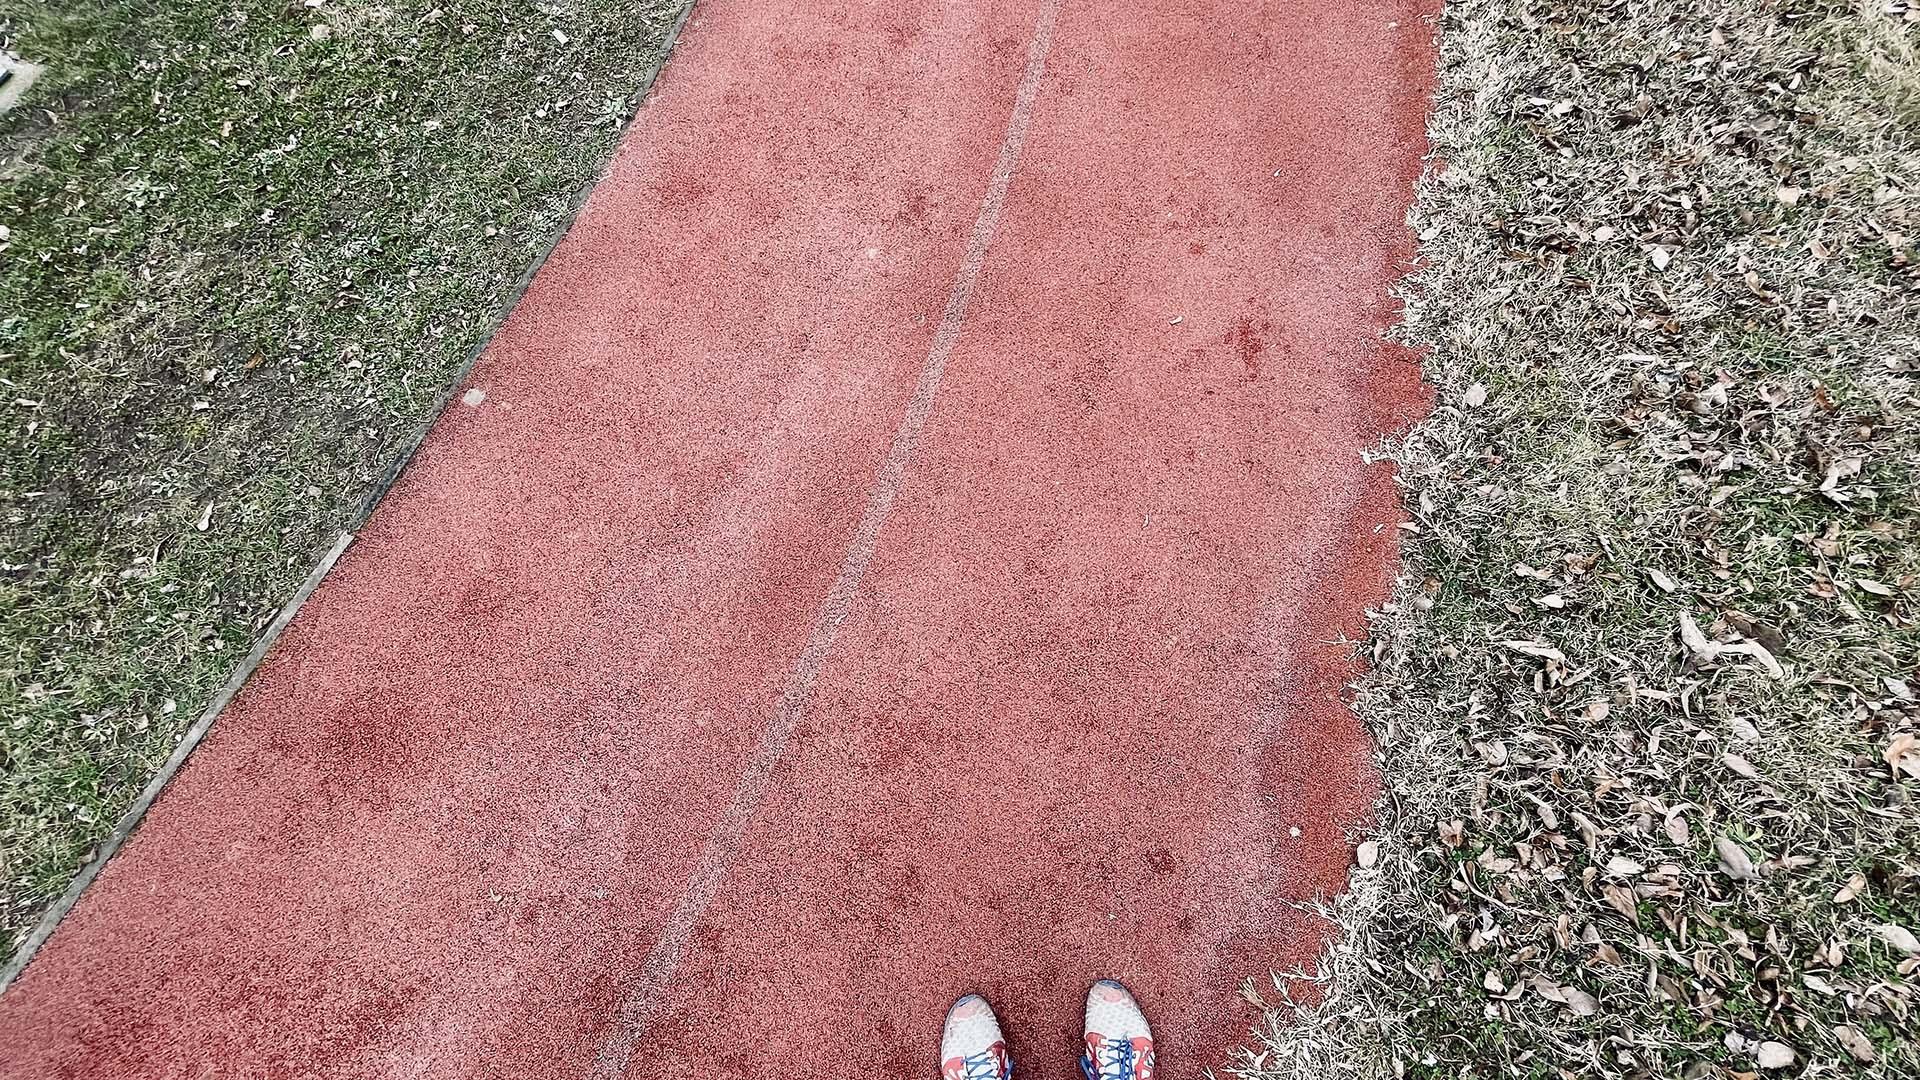 Fitt-park (Kanada játszótér) futókör-3